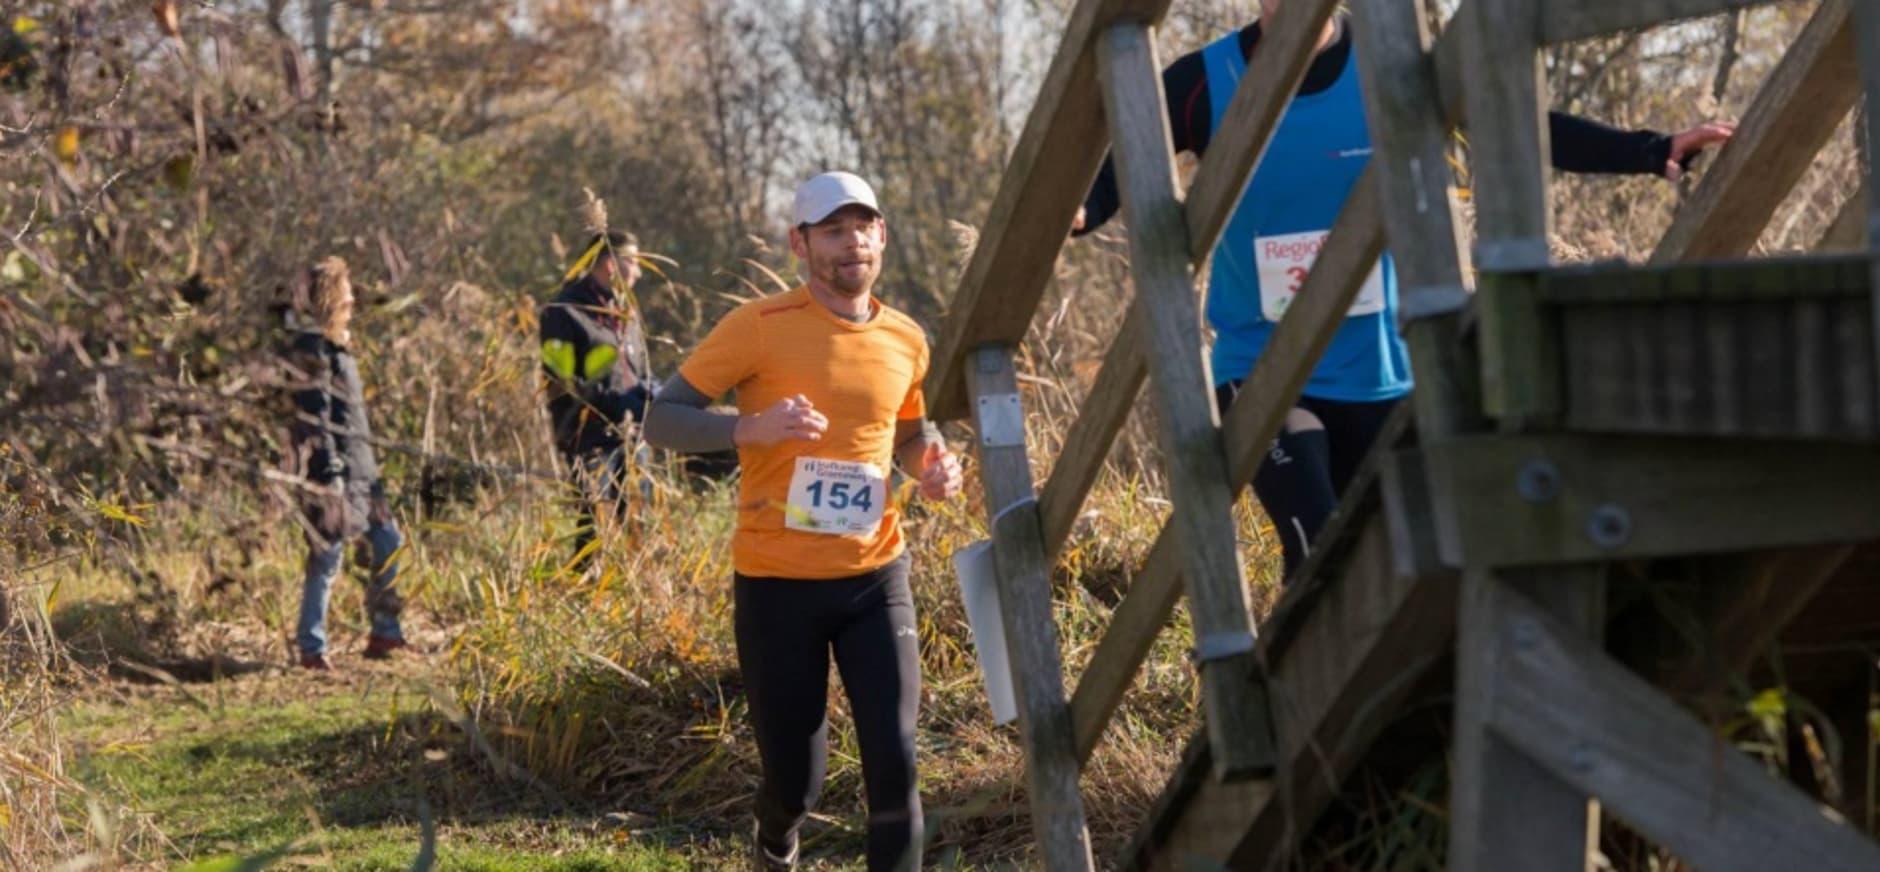 De Ronde Venen Marathon in Botshol